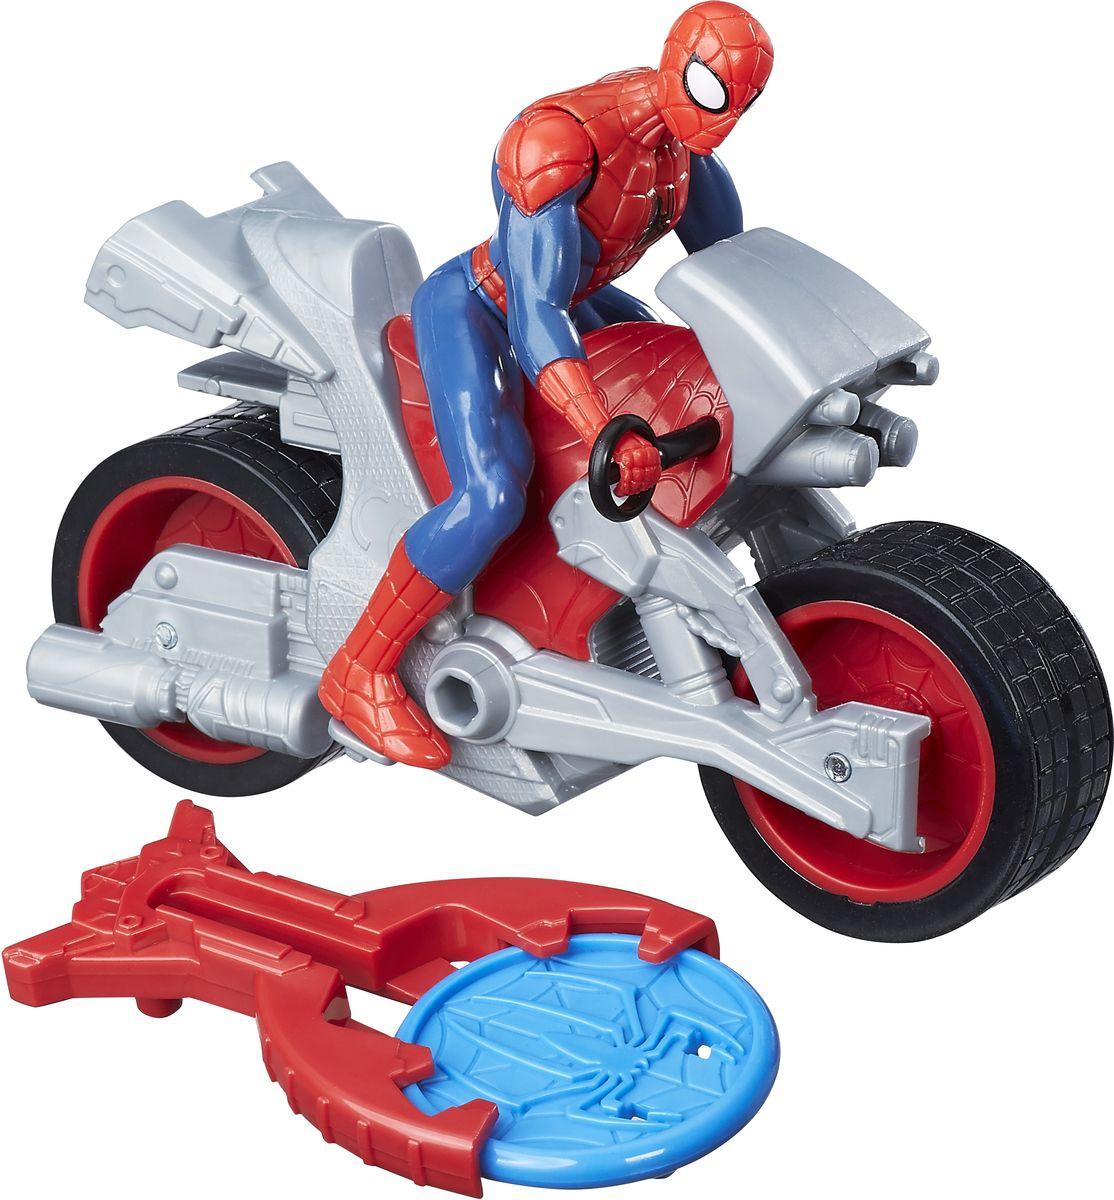 Spider-Man ФигуркаЧеловек-паук на мотоцикле spider man фигурка electro